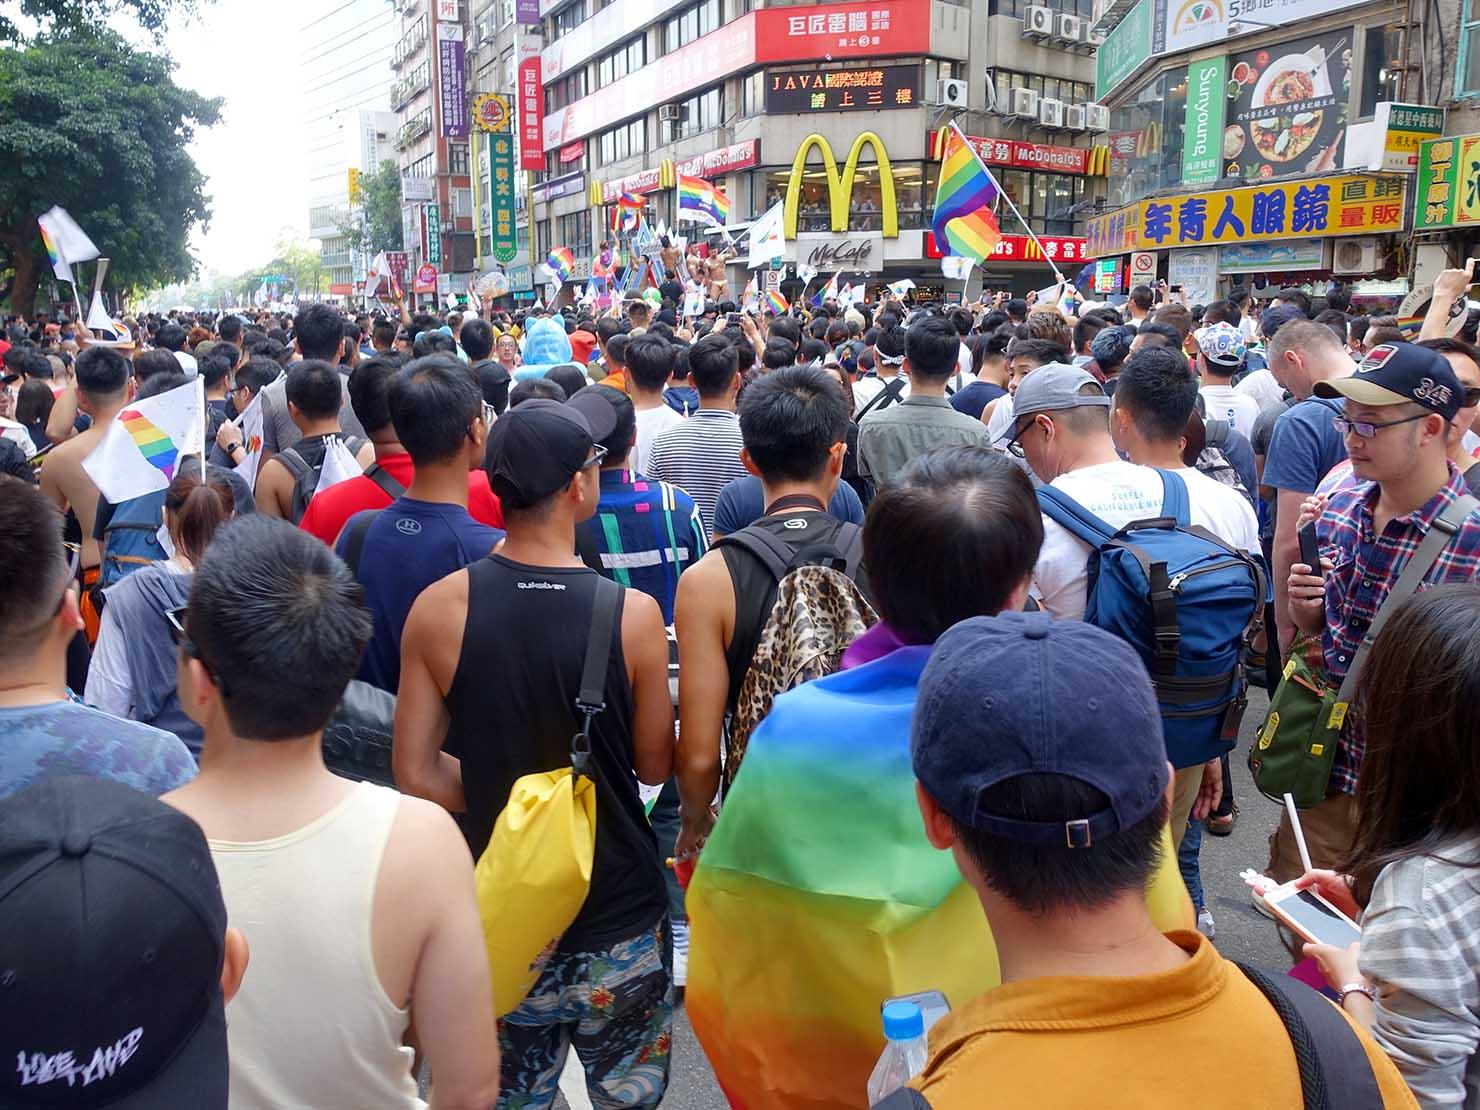 台灣同志遊行(台湾LGBTプライド)2018のパレードカー周辺で盛り上がる参加者たち